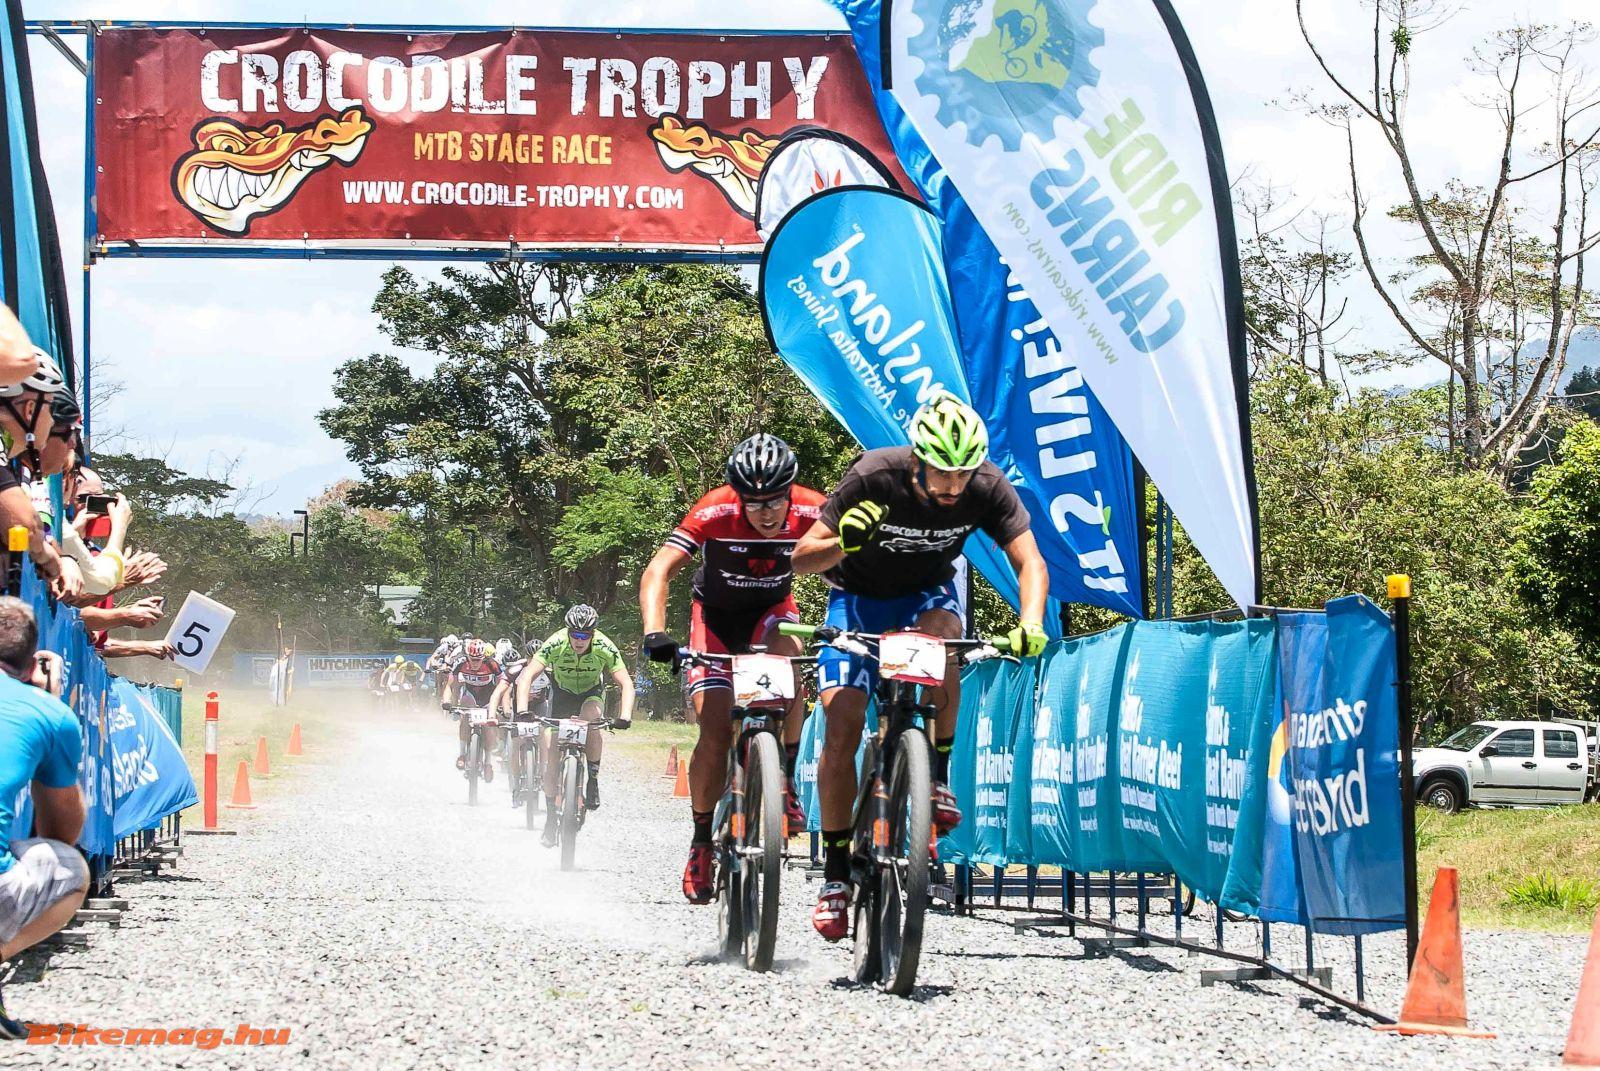 Az első szakaszt pólóban nyerte az olasz Nicholas Pettina